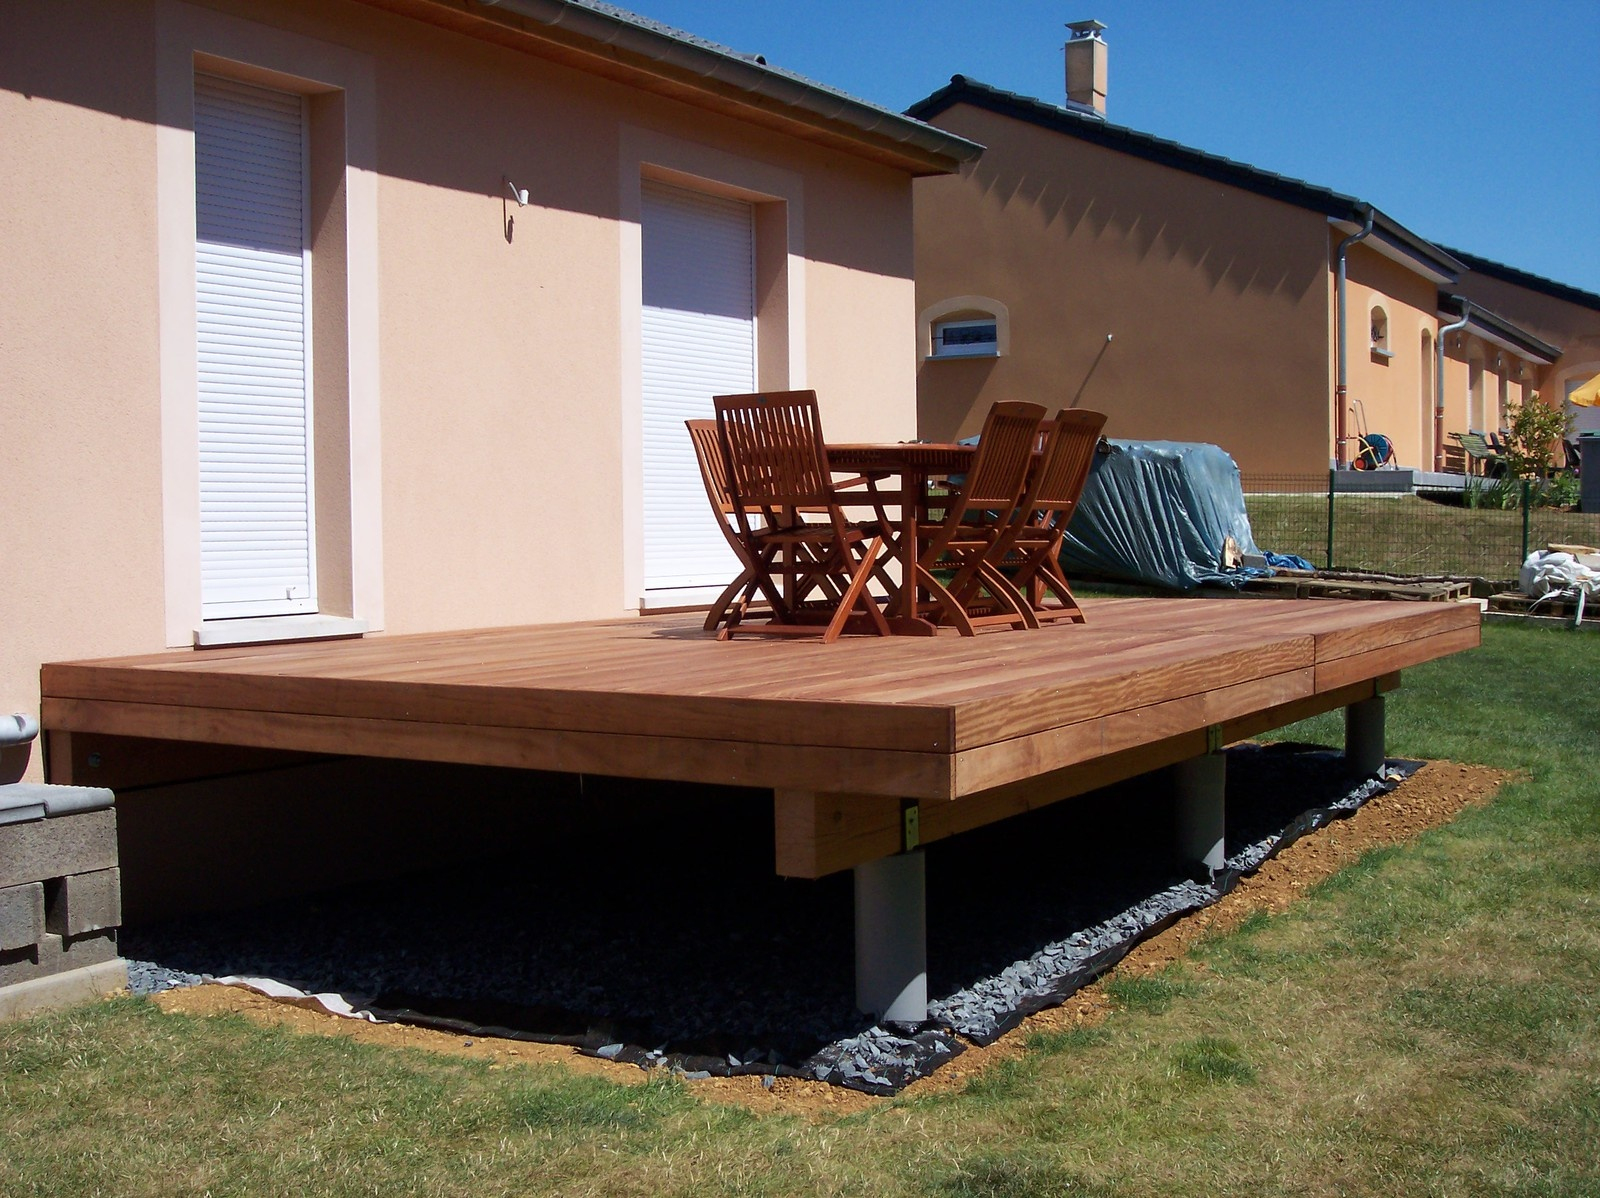 Terrasse Bois Sur Pilotis Permis De Construire - Veranda ... avec Étanchéité Terrasse Bois Sur Pilotis